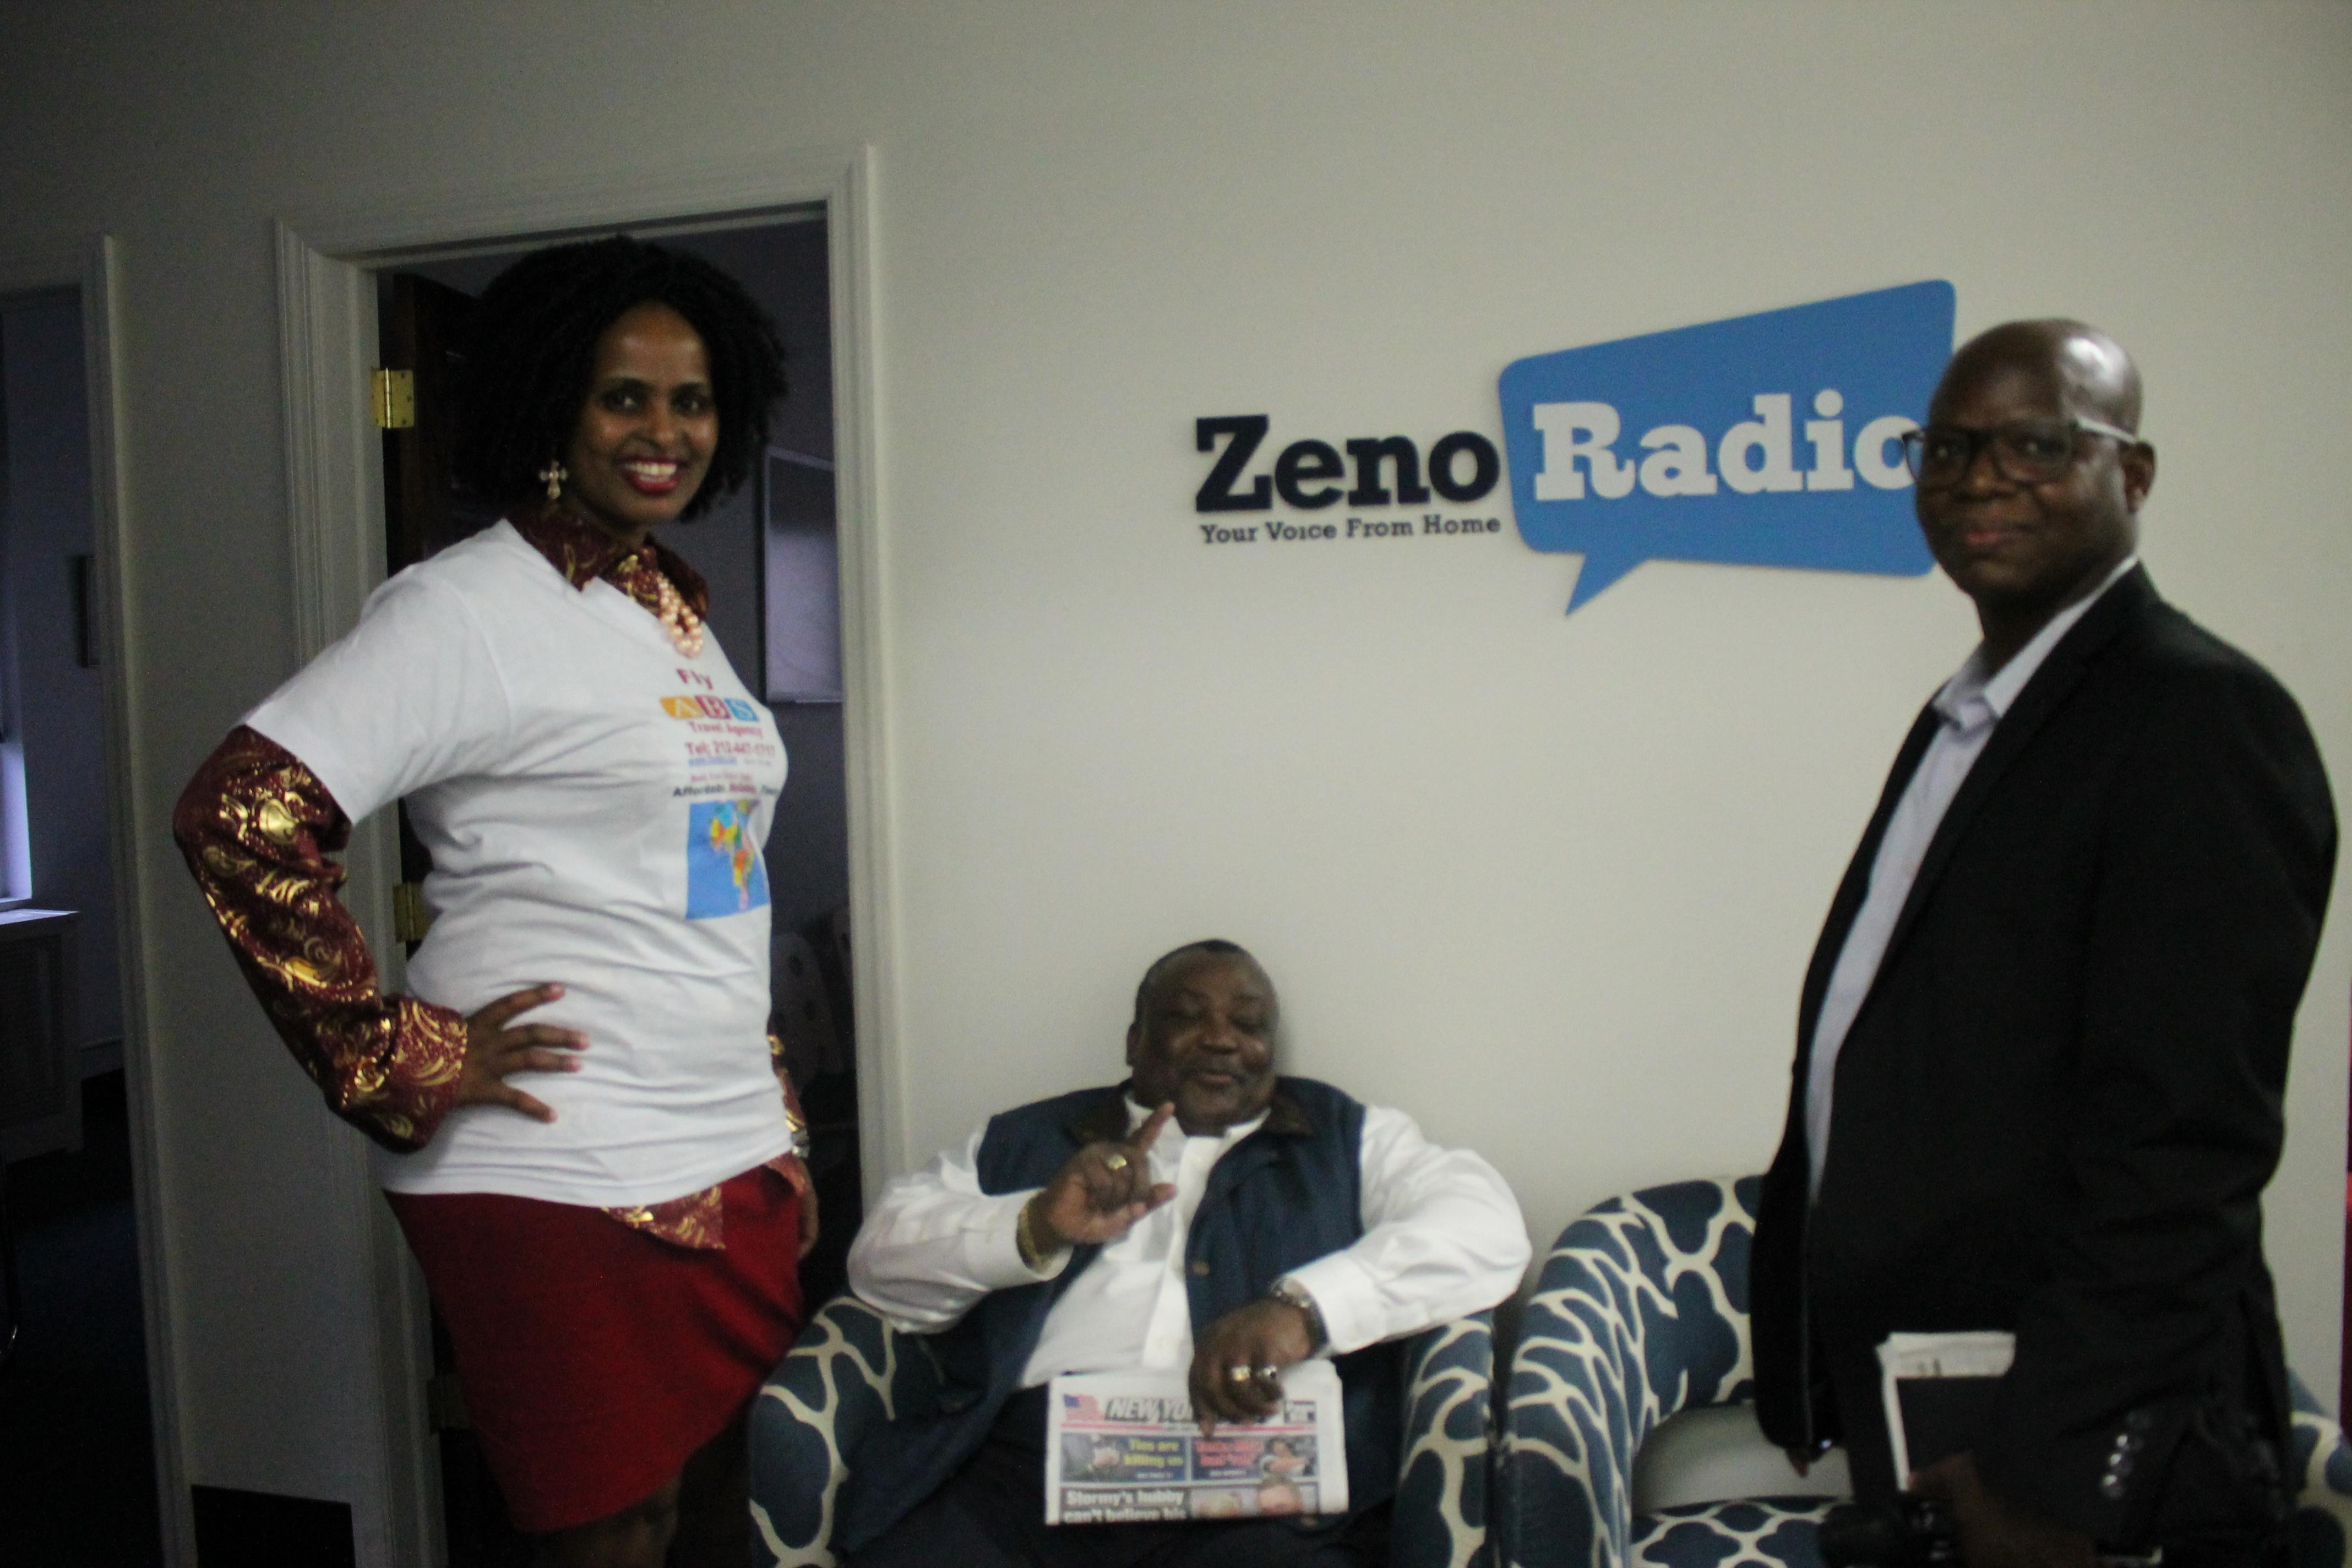 The Africain Journal était l'invité de Zeno Radio